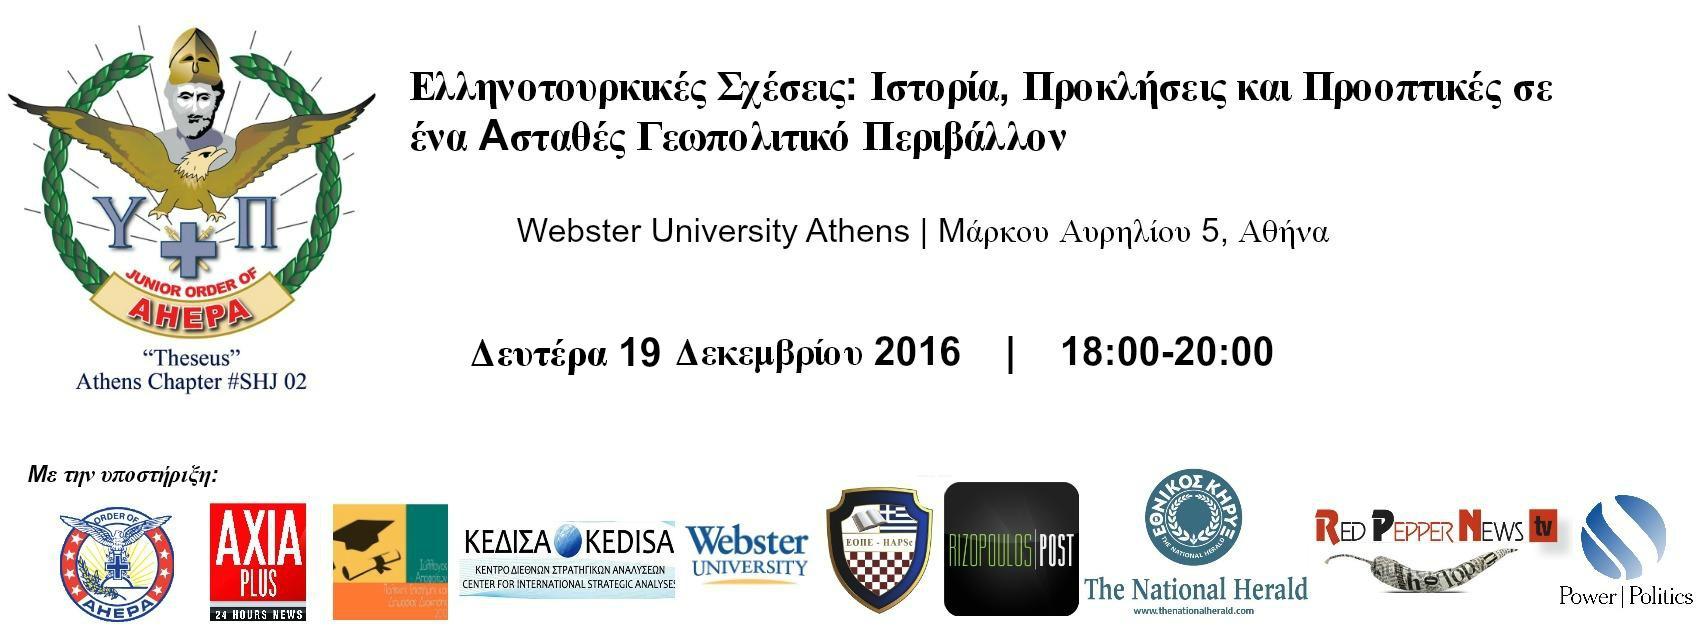 """Ελληνοτουρκικές Σχέσεις: Ιστορία, Προκλήσεις και Προοπτικές σε ένα Ασταθές Γεωπολιτικό Περιβάλλον. """""""